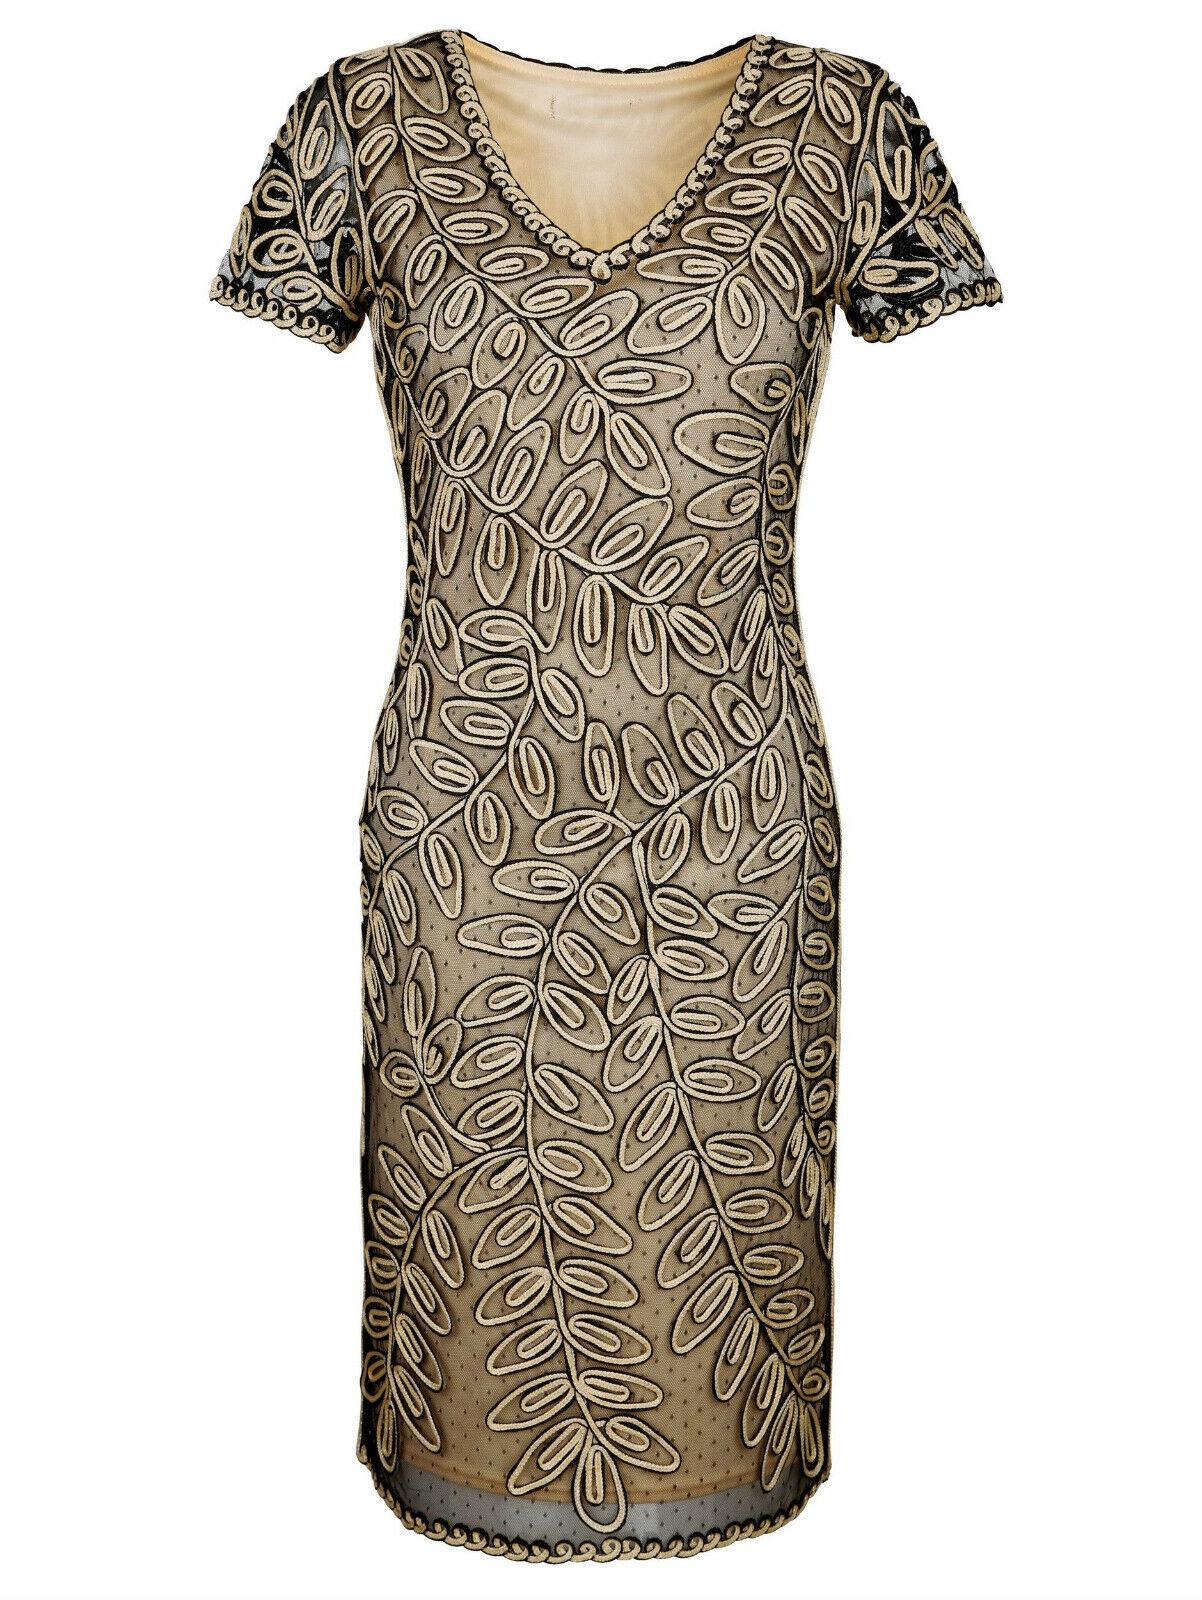 Marken Kleid mit Kurbelstickerei und Glanzeffekten Gr. 40, Gr. 42 0821606655